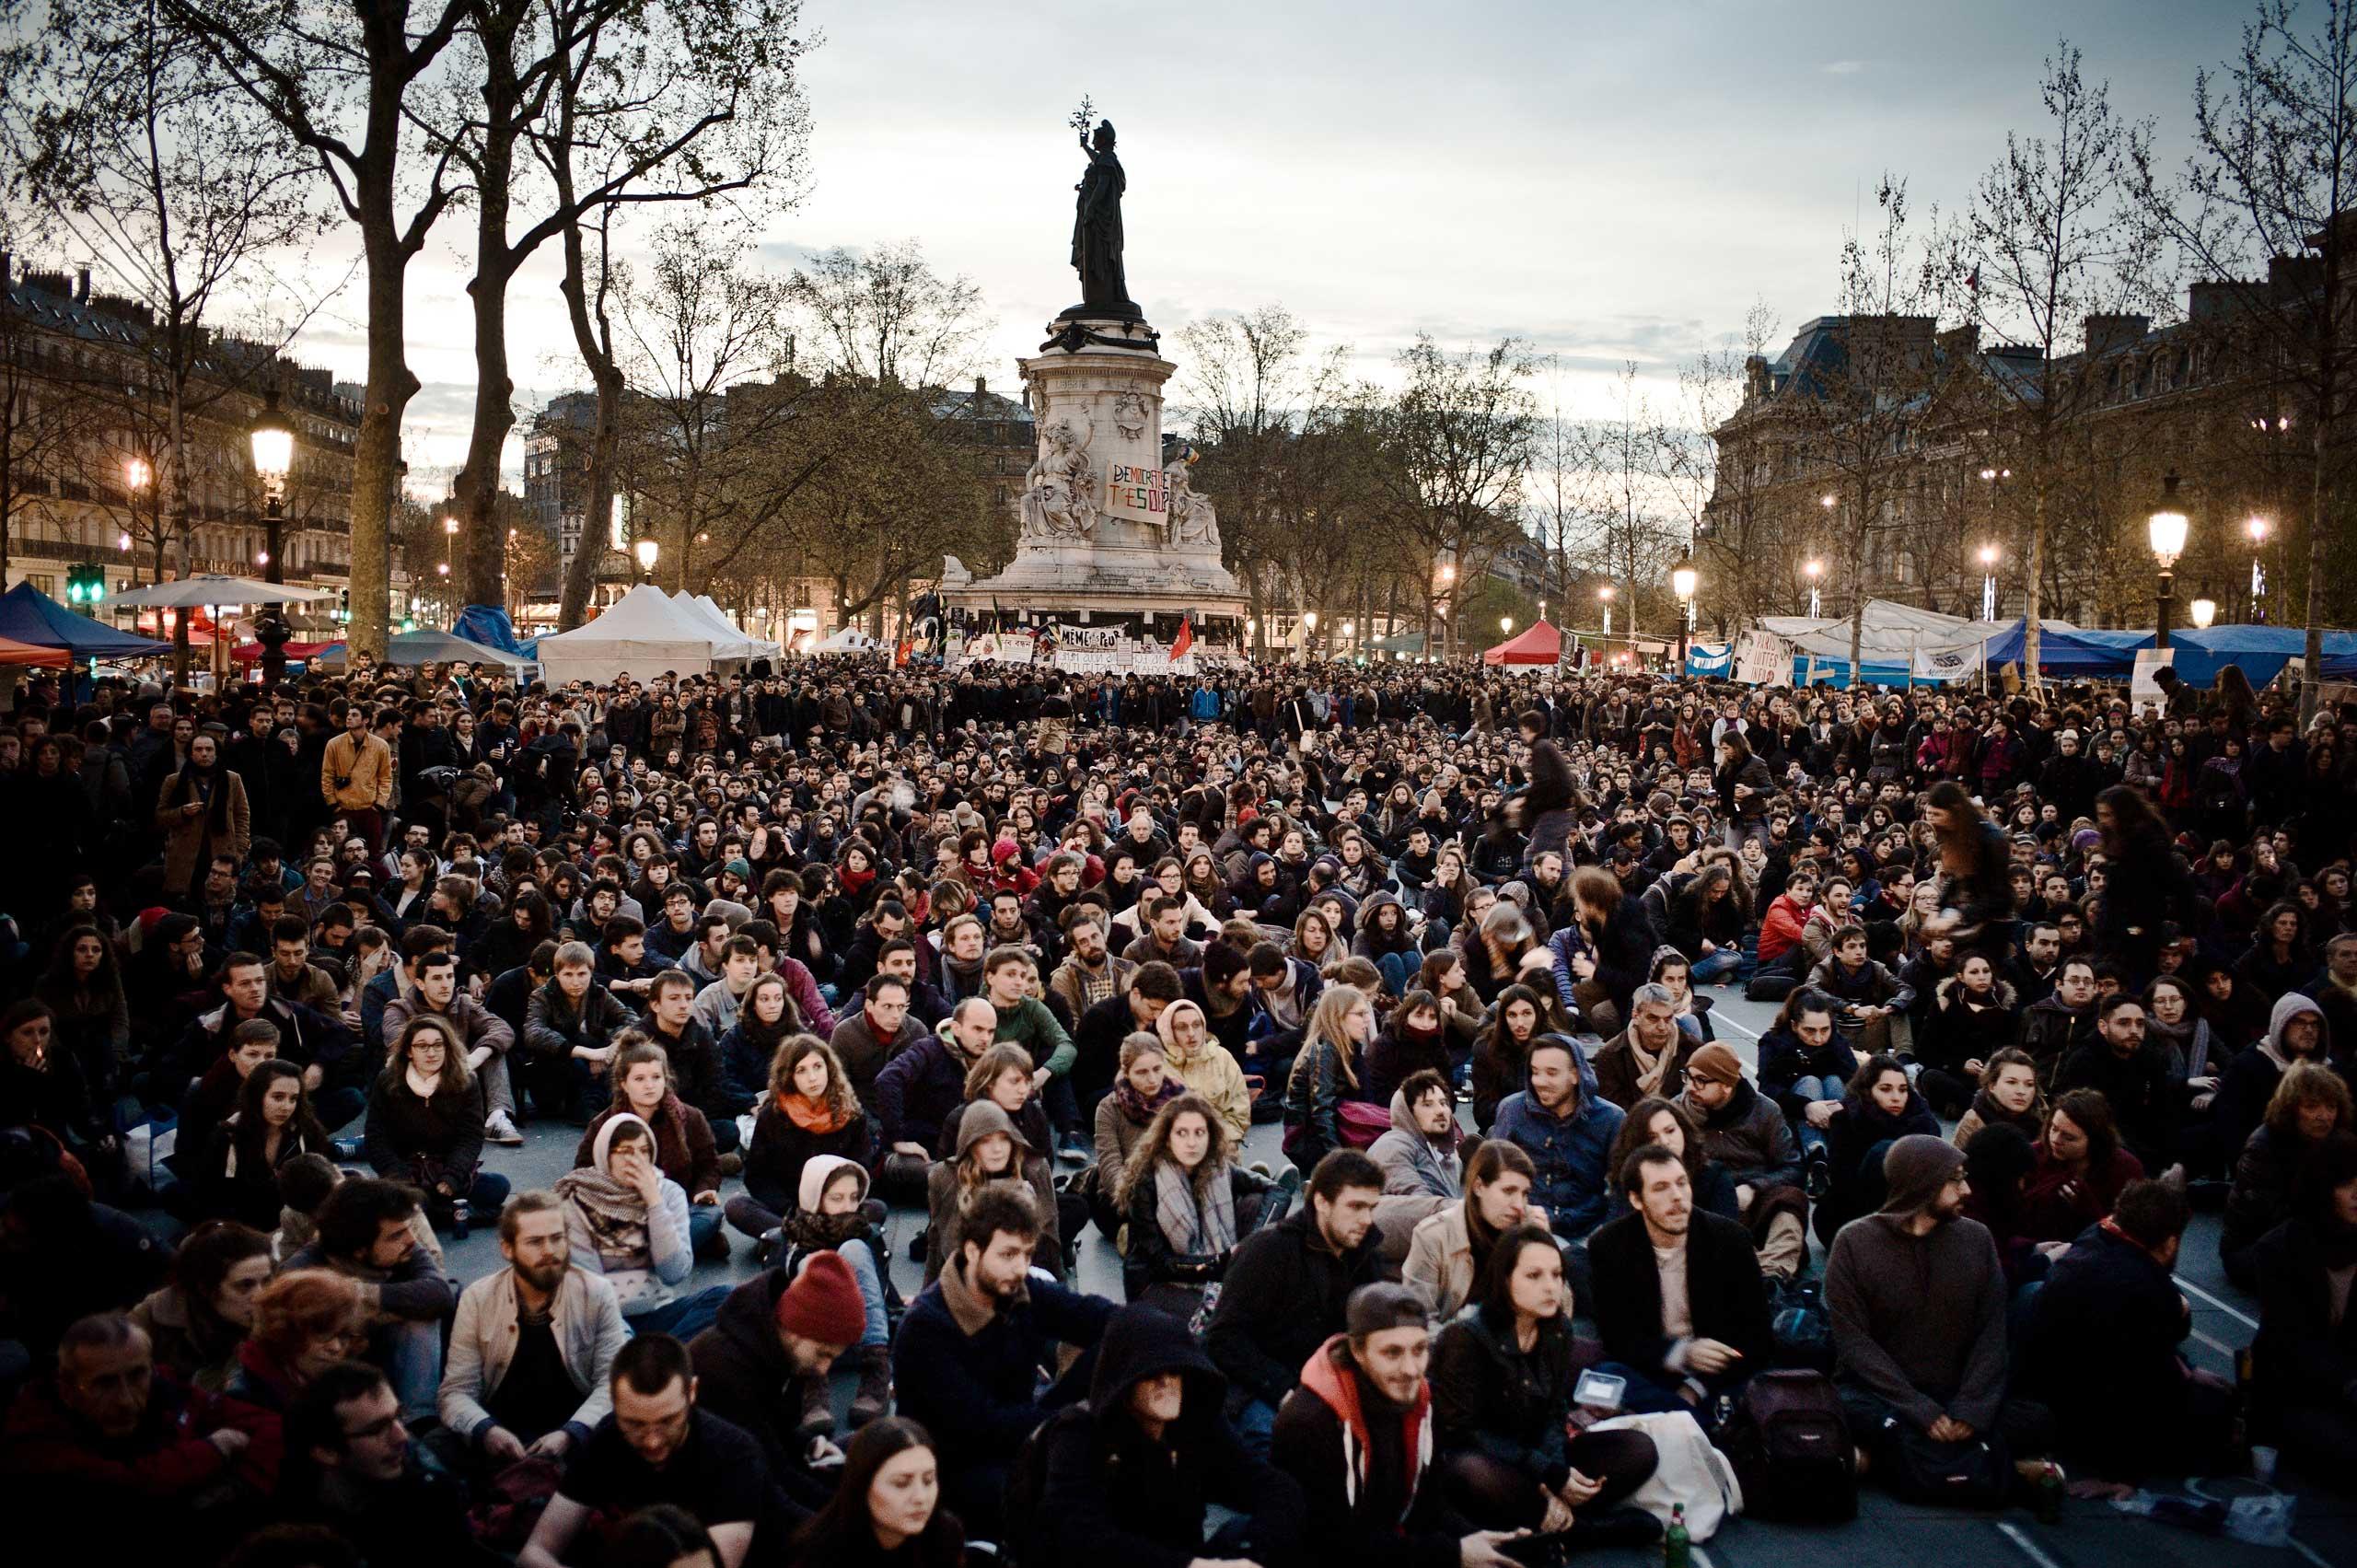 Nuit Debout  at the Place de la République in Paris, April 16, 2016.